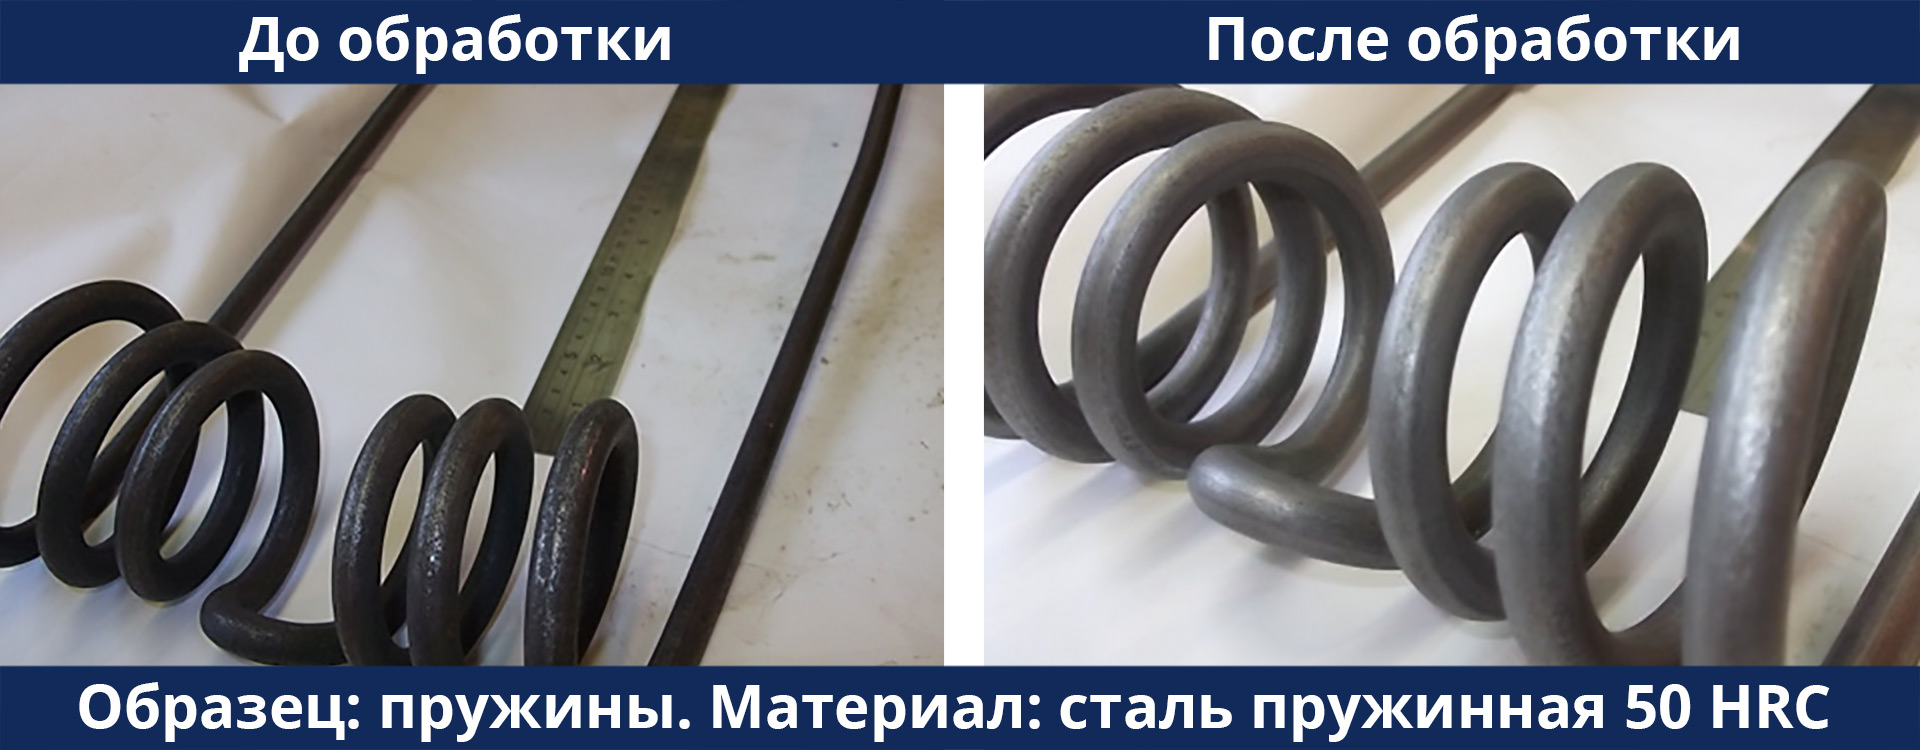 Образцы пружин из пружинной стали 50 HRC до галтовки и после галтовки